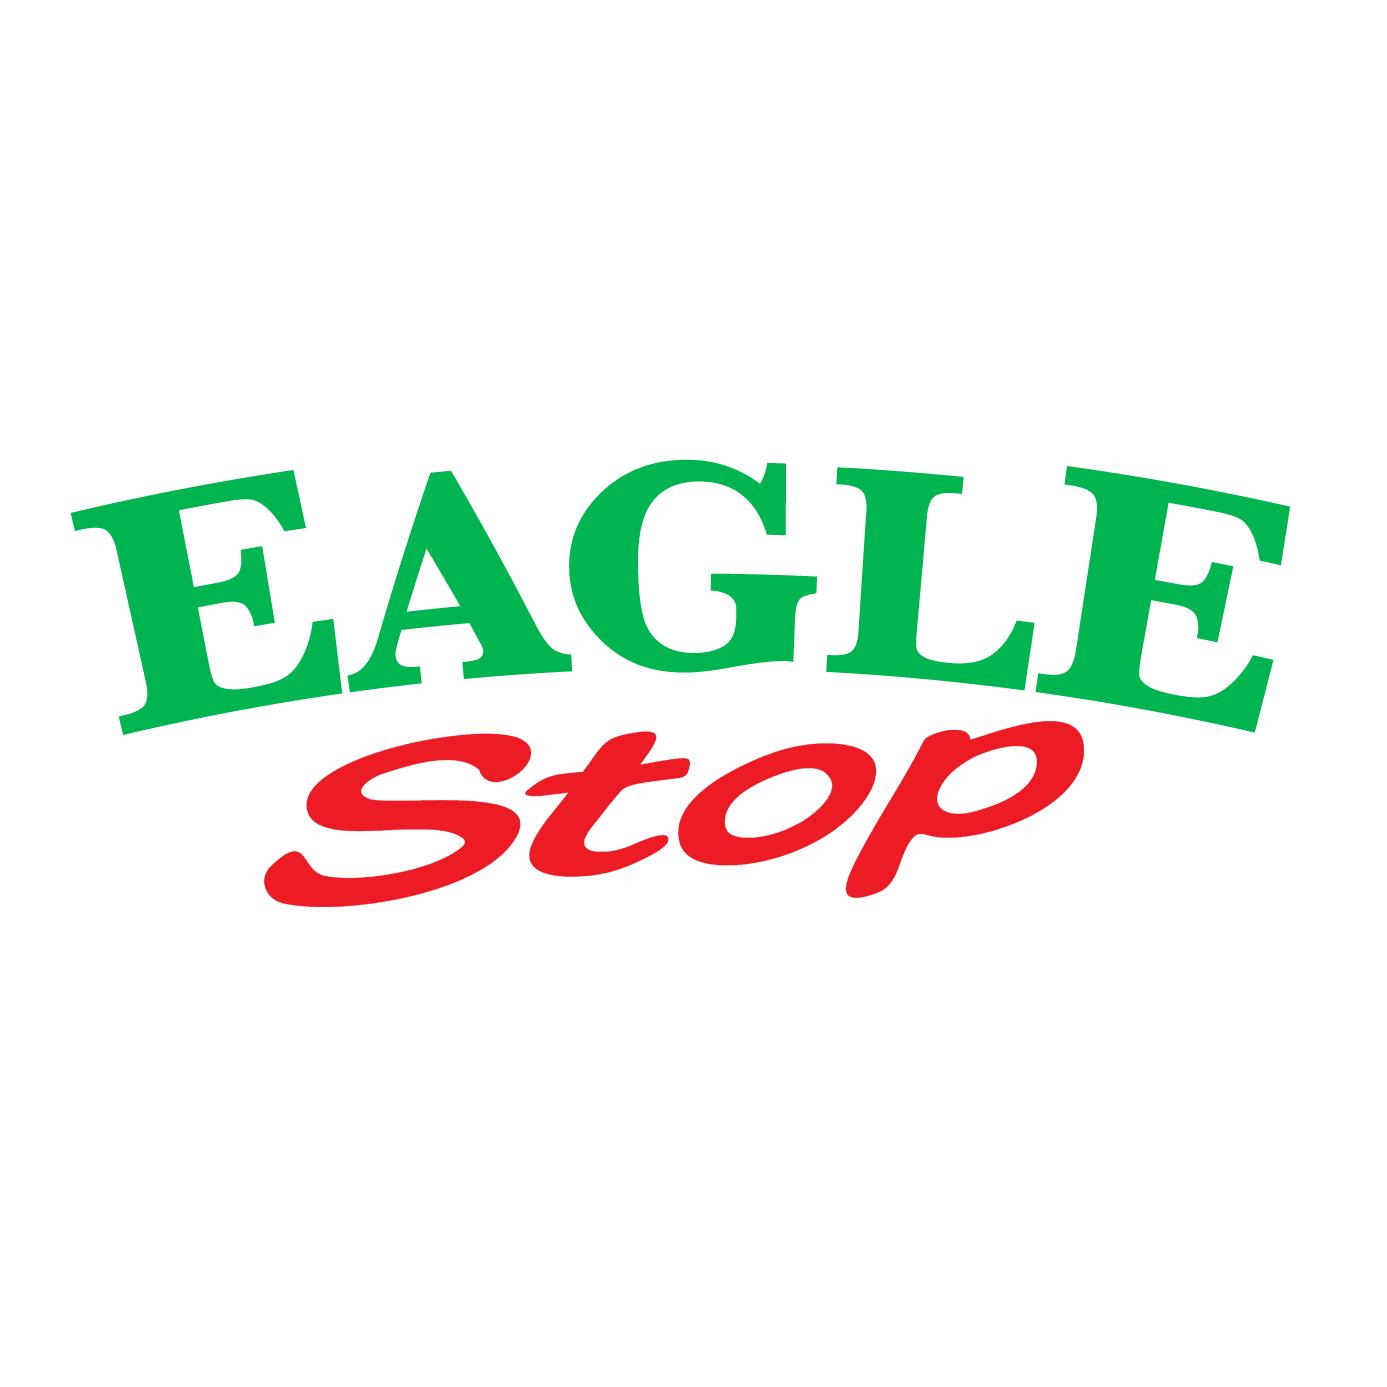 Tiger Eagle Stop